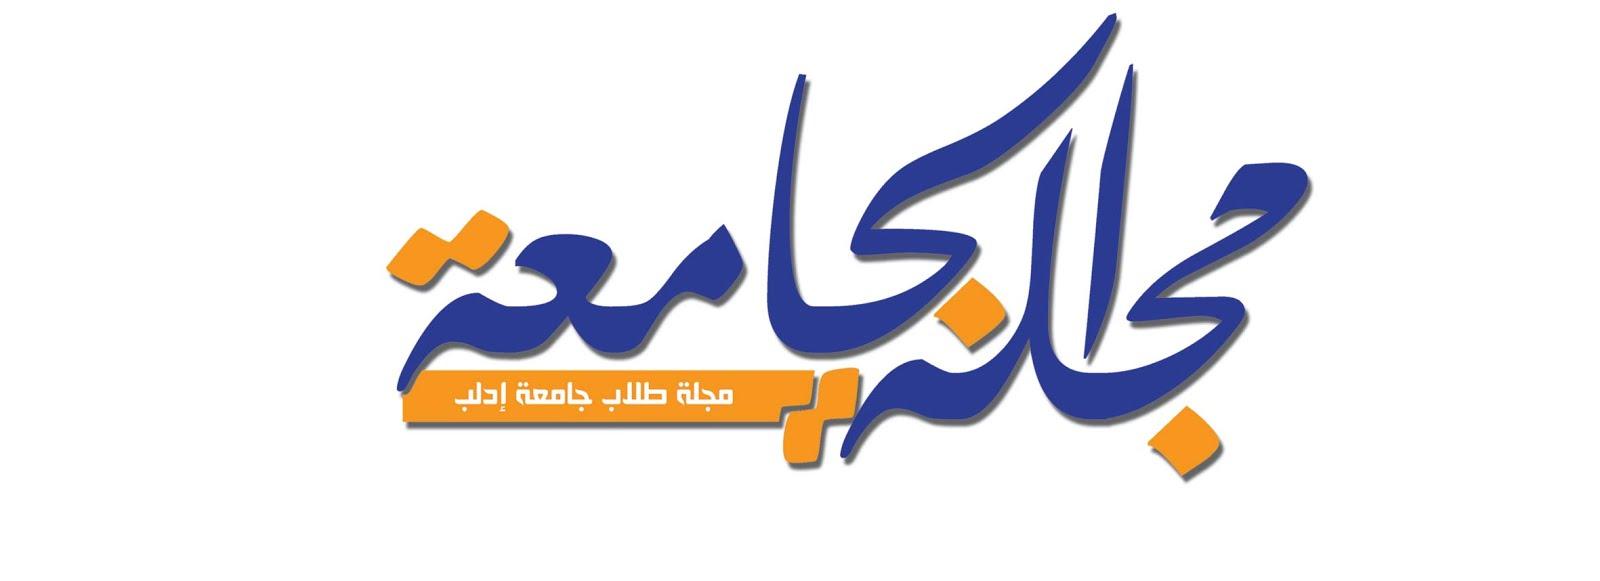 مجلة طلاب جامعة إدلب